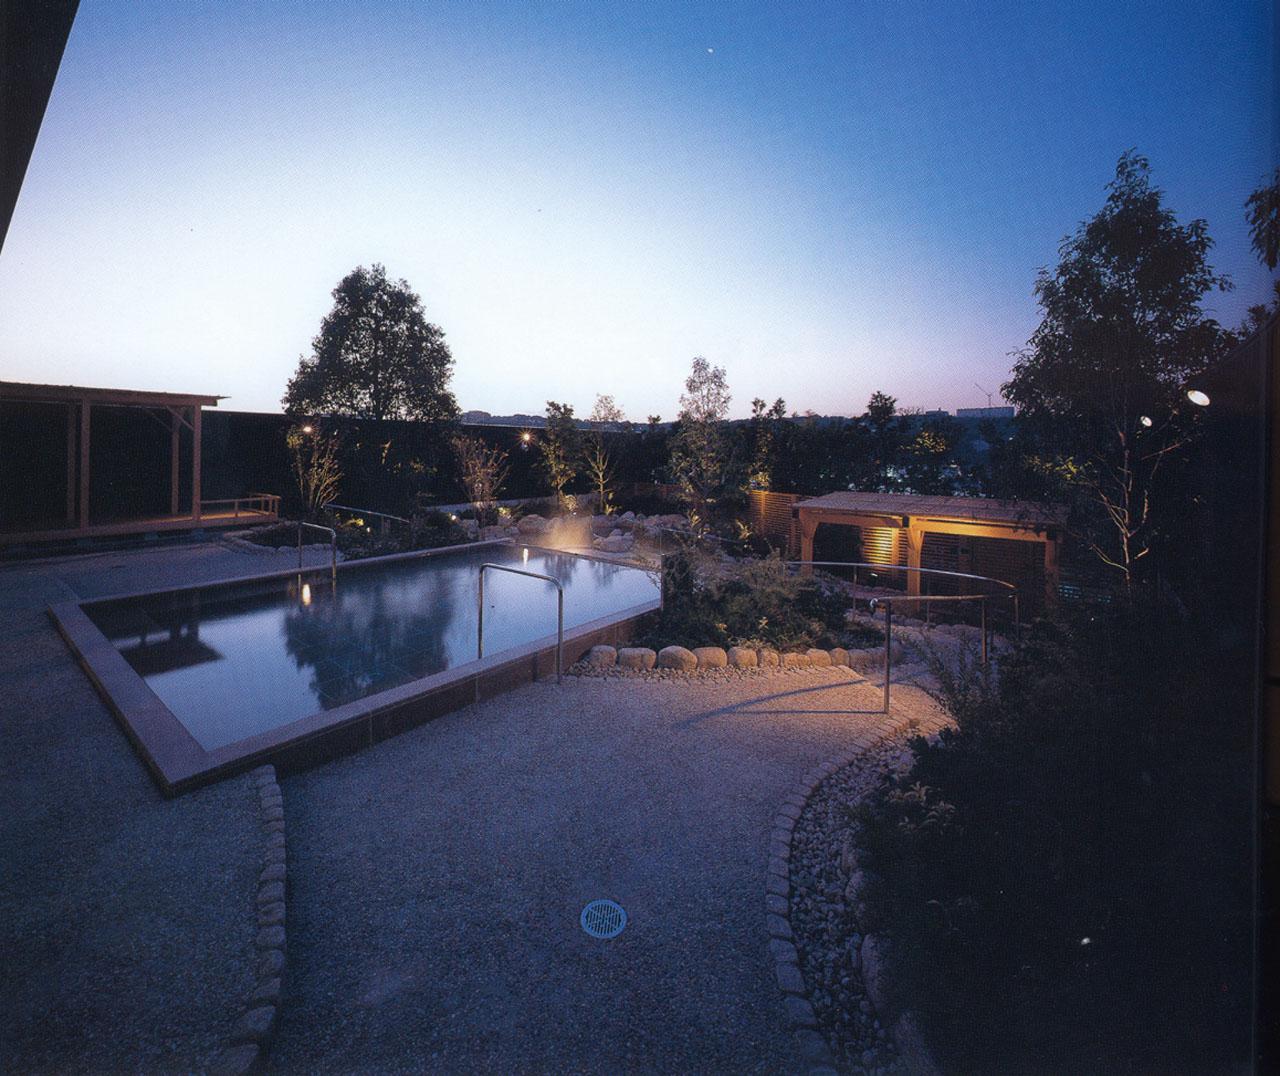 ジェームス山天然温泉 月の湯舟 露天風呂